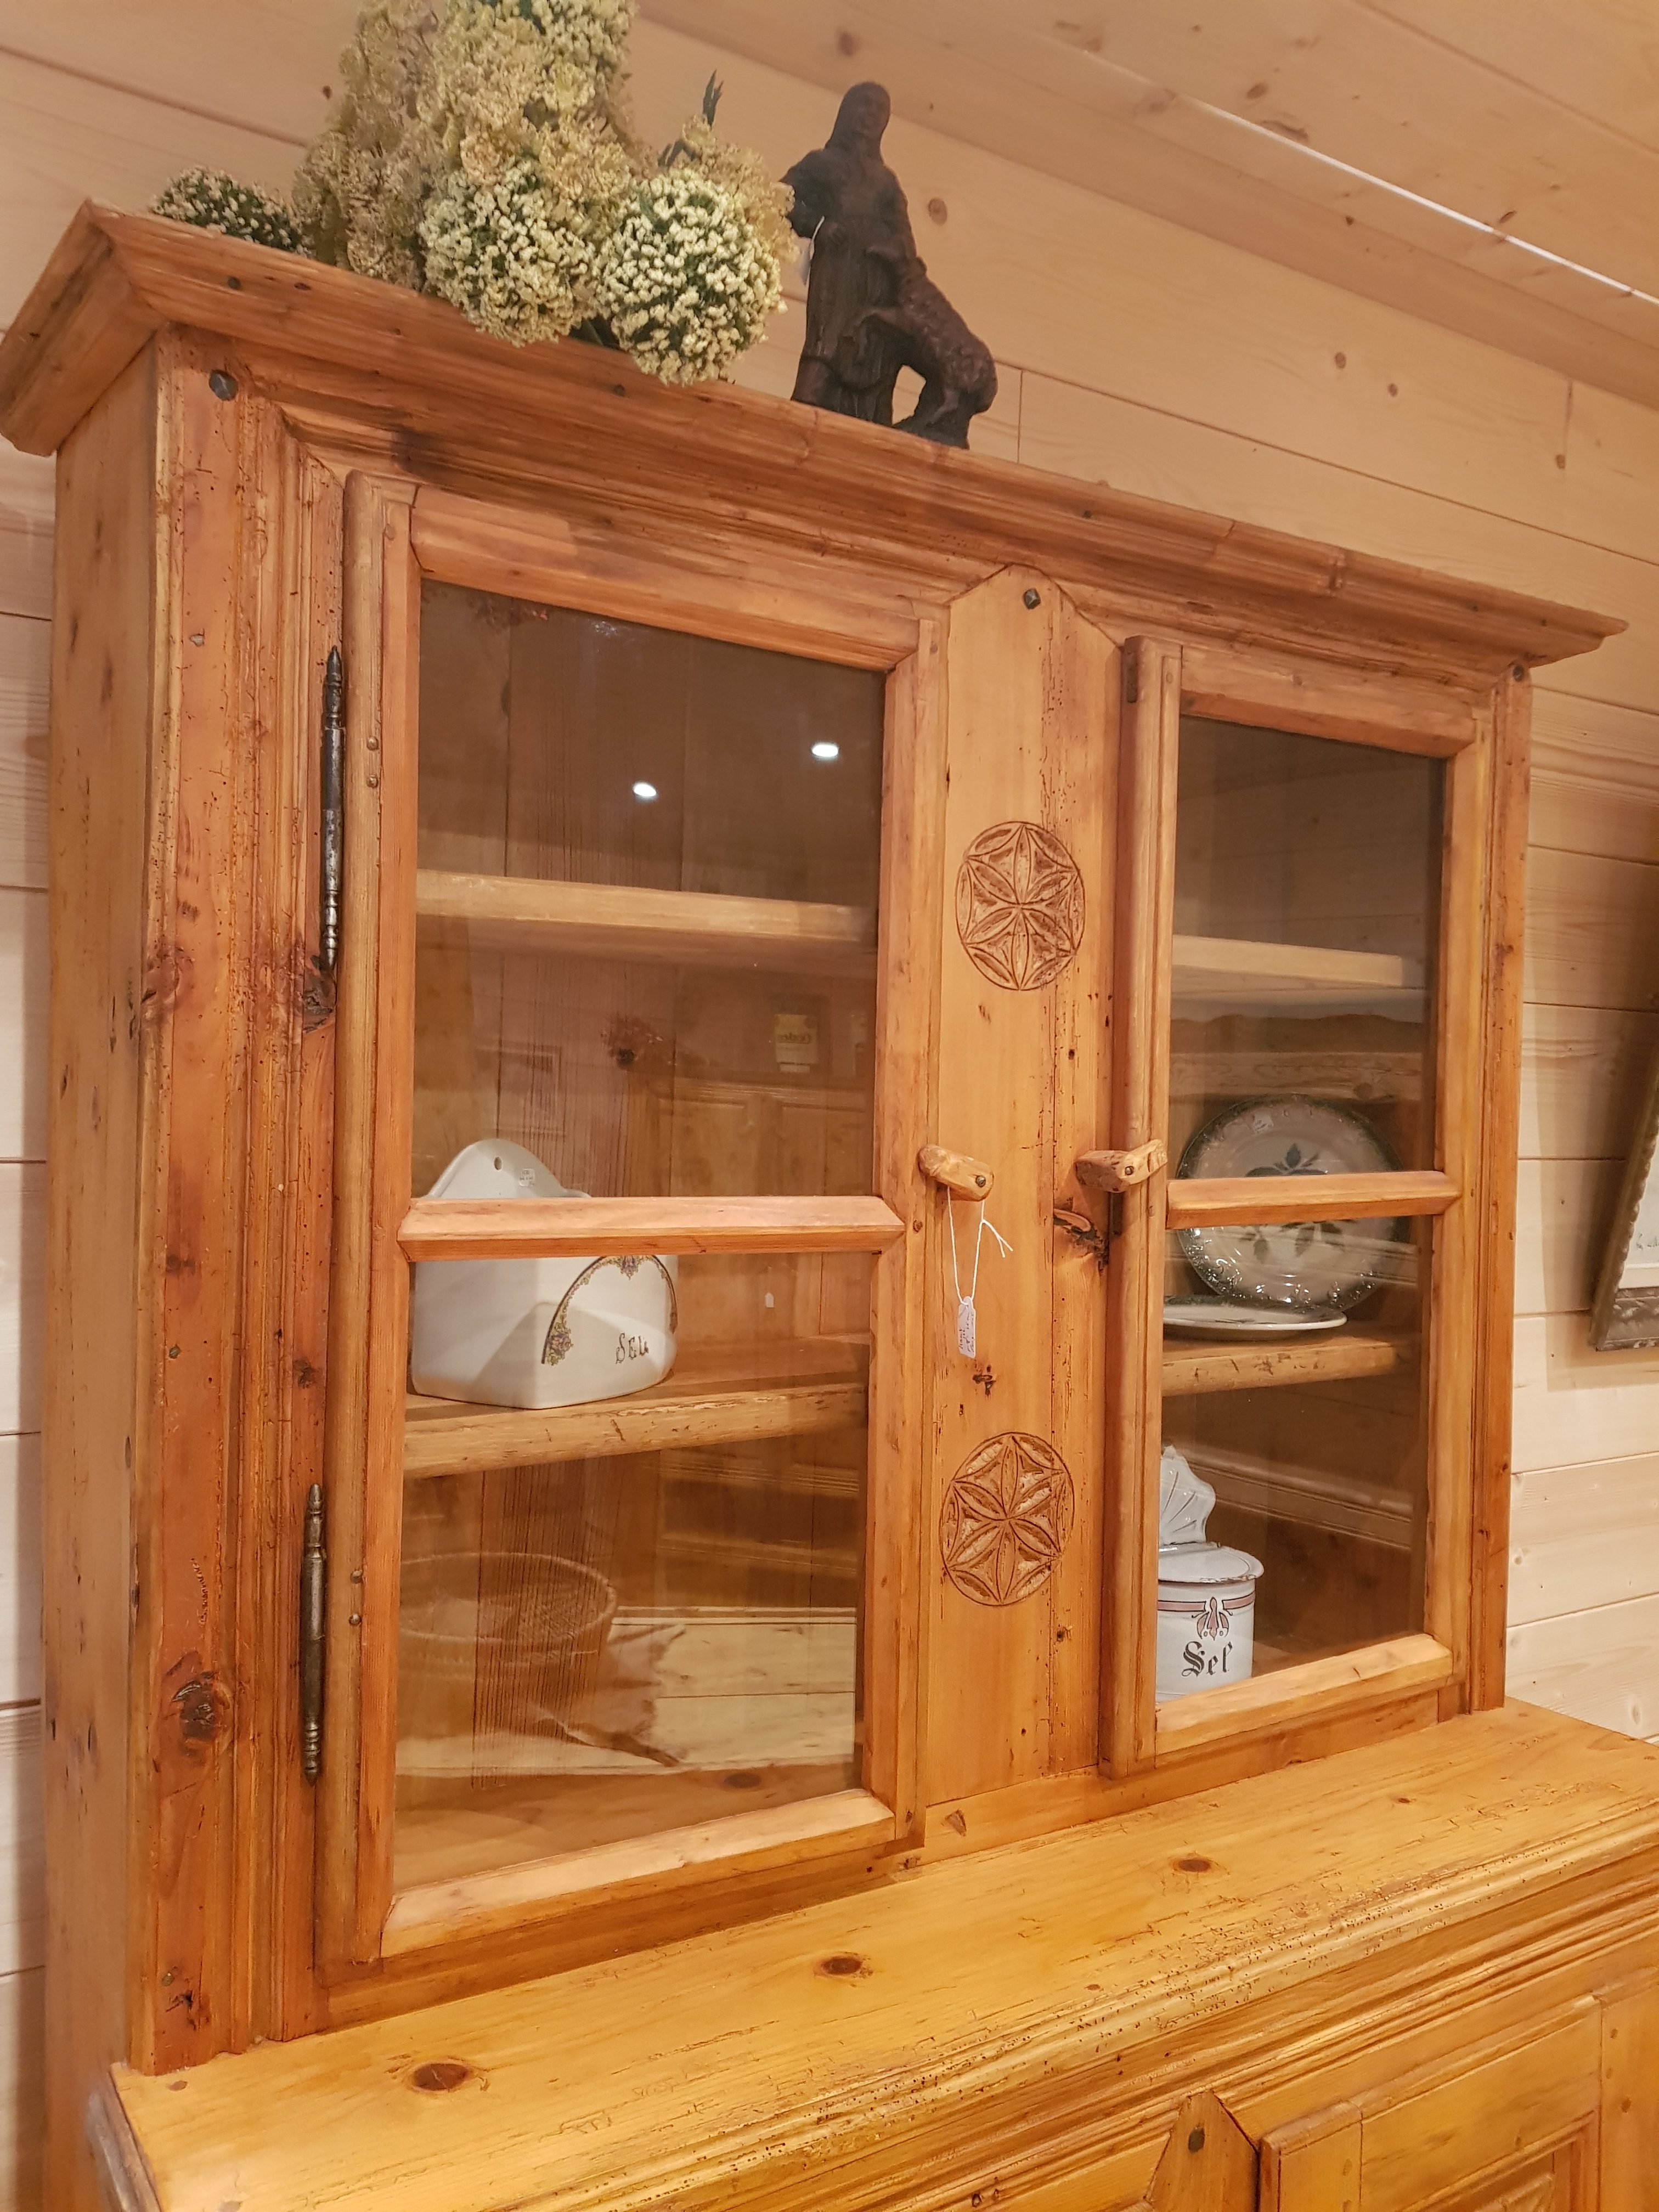 meuble mobilier savoyard annecy antiquite au vieux parchet st ferreol faverges. Black Bedroom Furniture Sets. Home Design Ideas